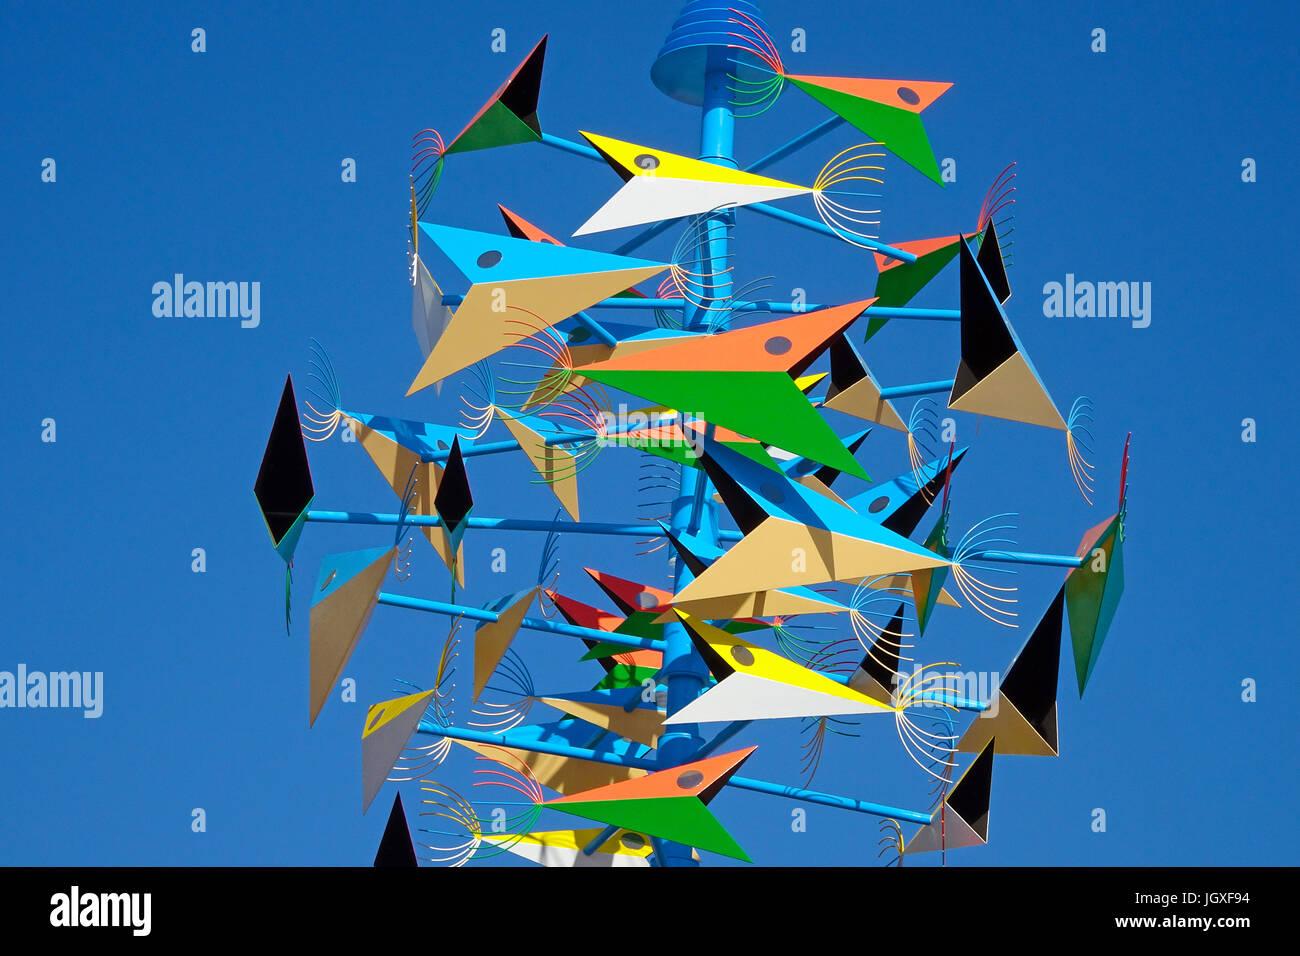 'El robalo' buntes Windspiel entworfen von Cesar Manrique an der Promenade am Playa Matagorda Puerto del Stockbild